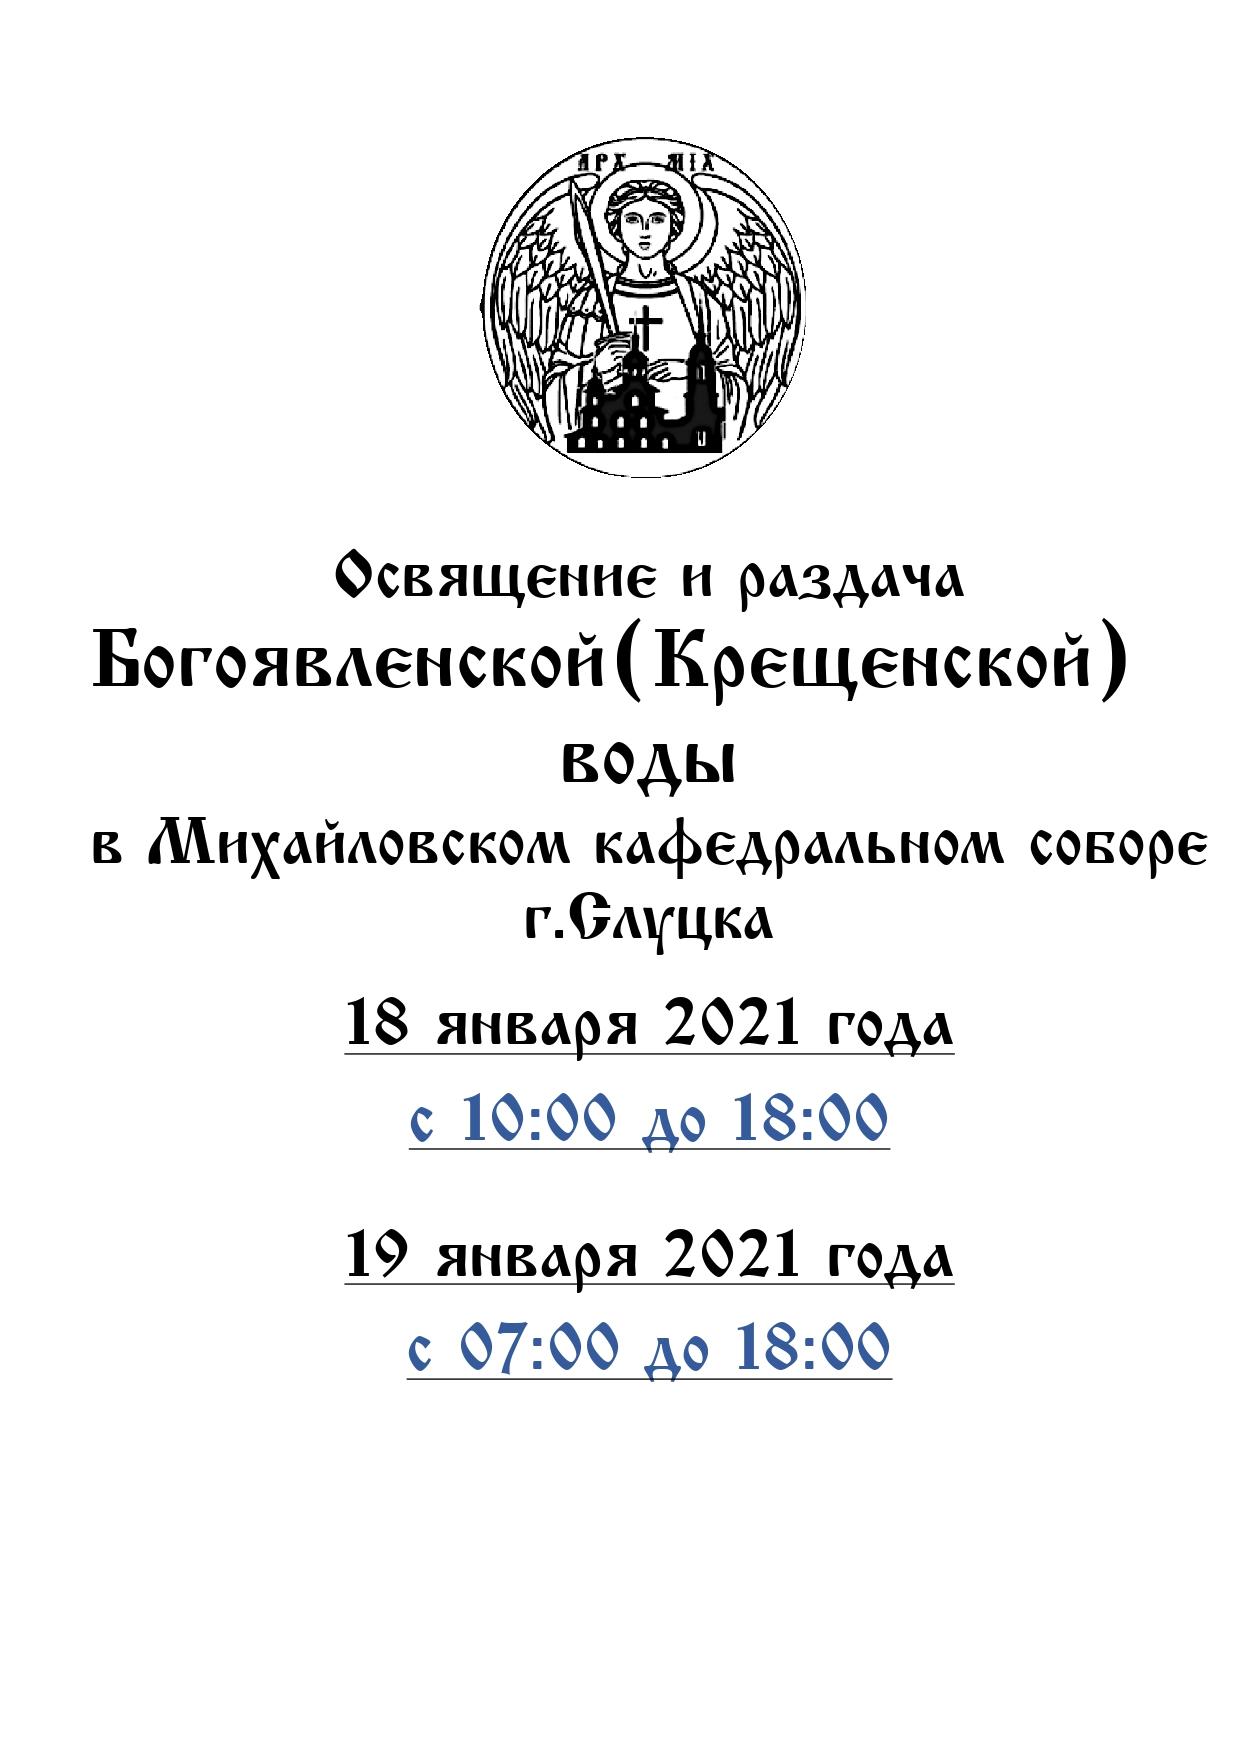 ОСВЯЩЕНИЕ ВОДЫ 18 и 19 января 2021 года_page-0001